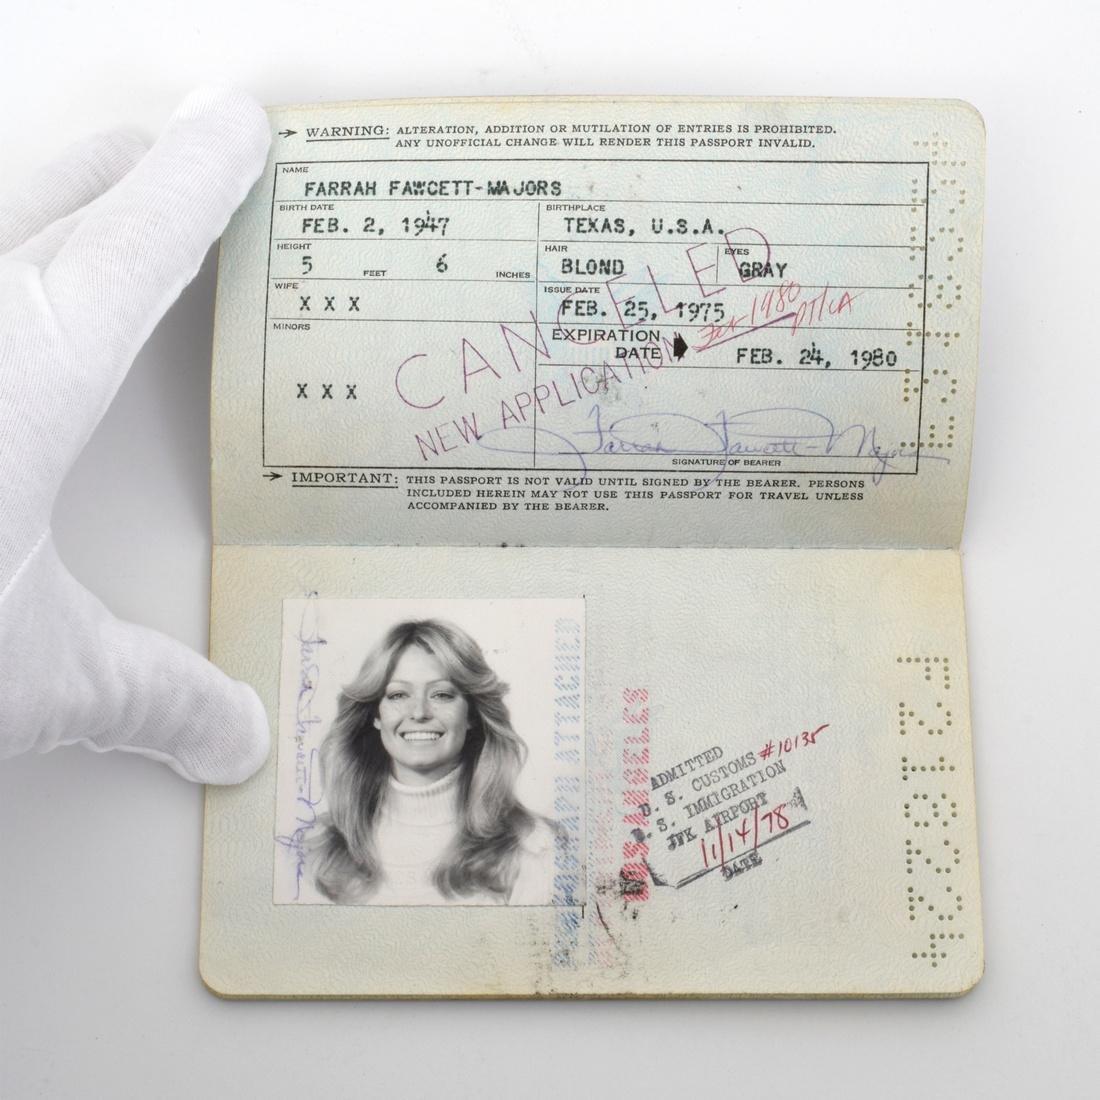 Farrah Fawcett Personal Passport